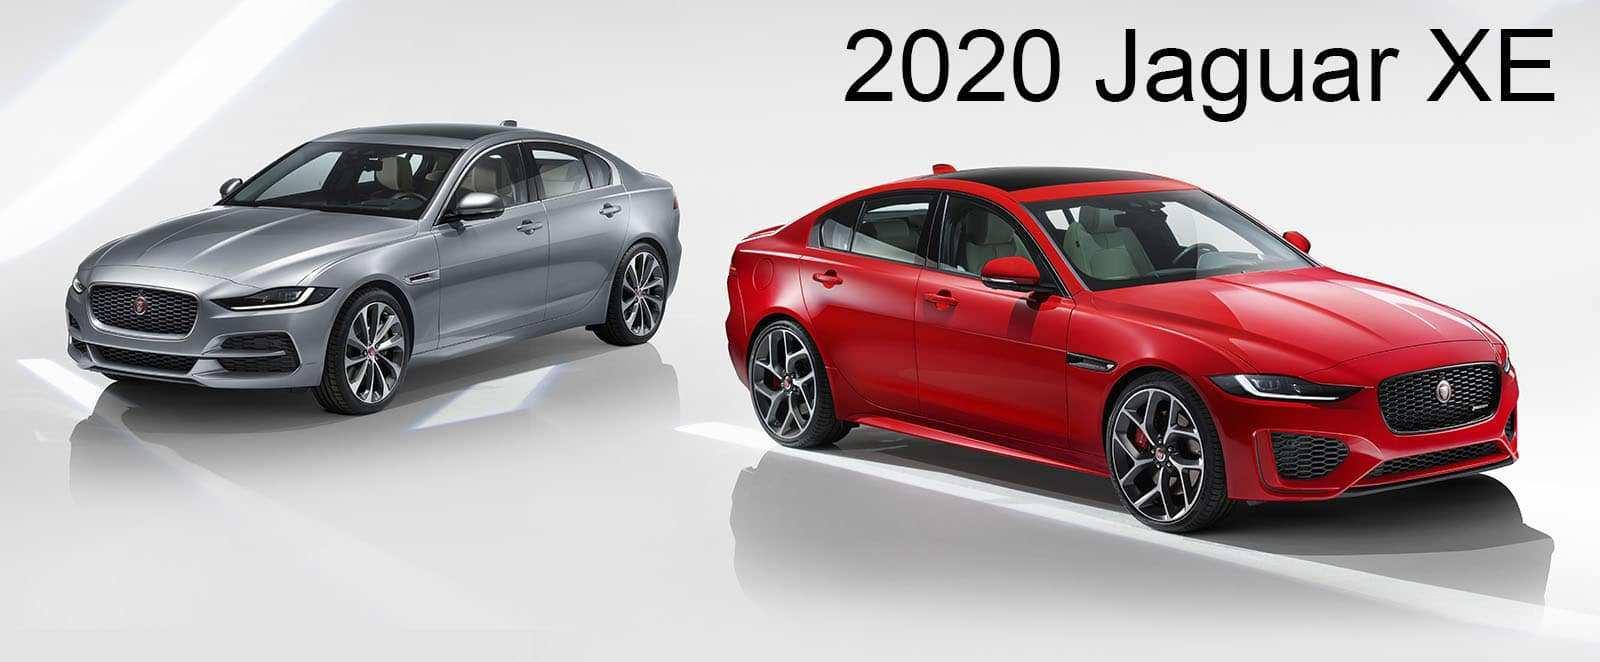 61 New Jaguar Truck 2020 Review with Jaguar Truck 2020